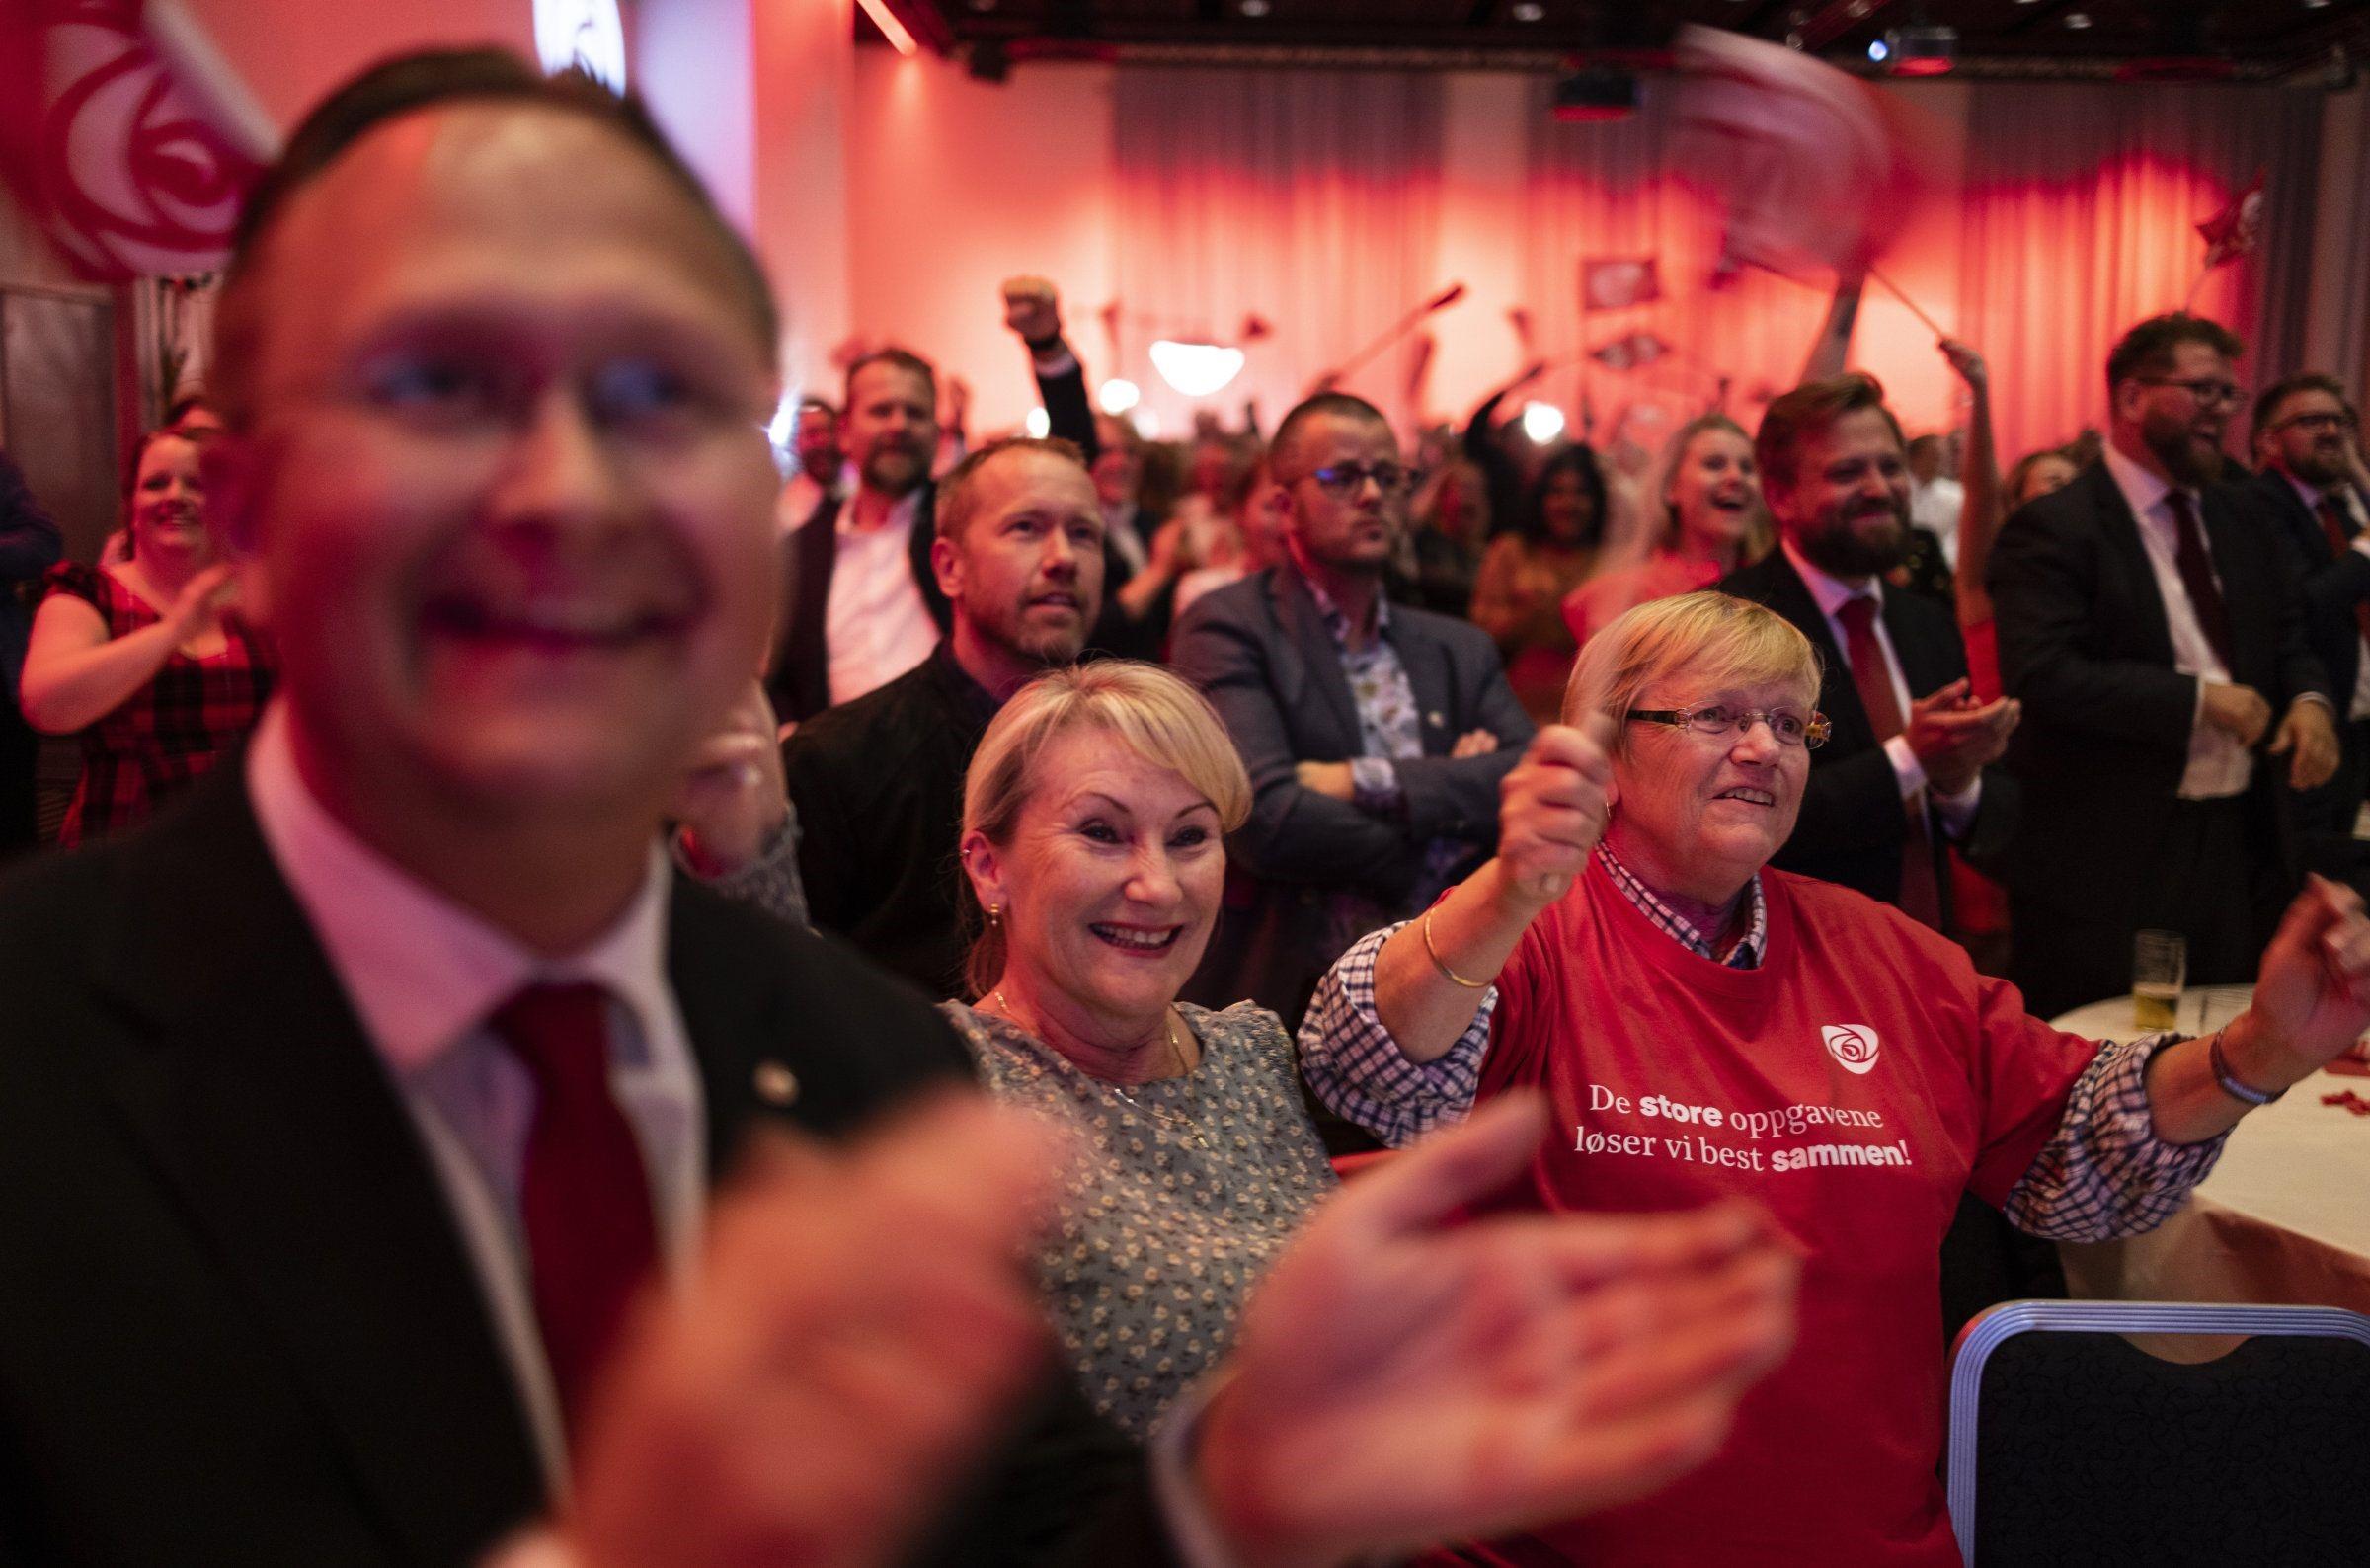 מהפך בבחירות בנורבגיה: הסוציאל-דמוקרטים שבים לשלטון; האדומים הכפילו את כוחם